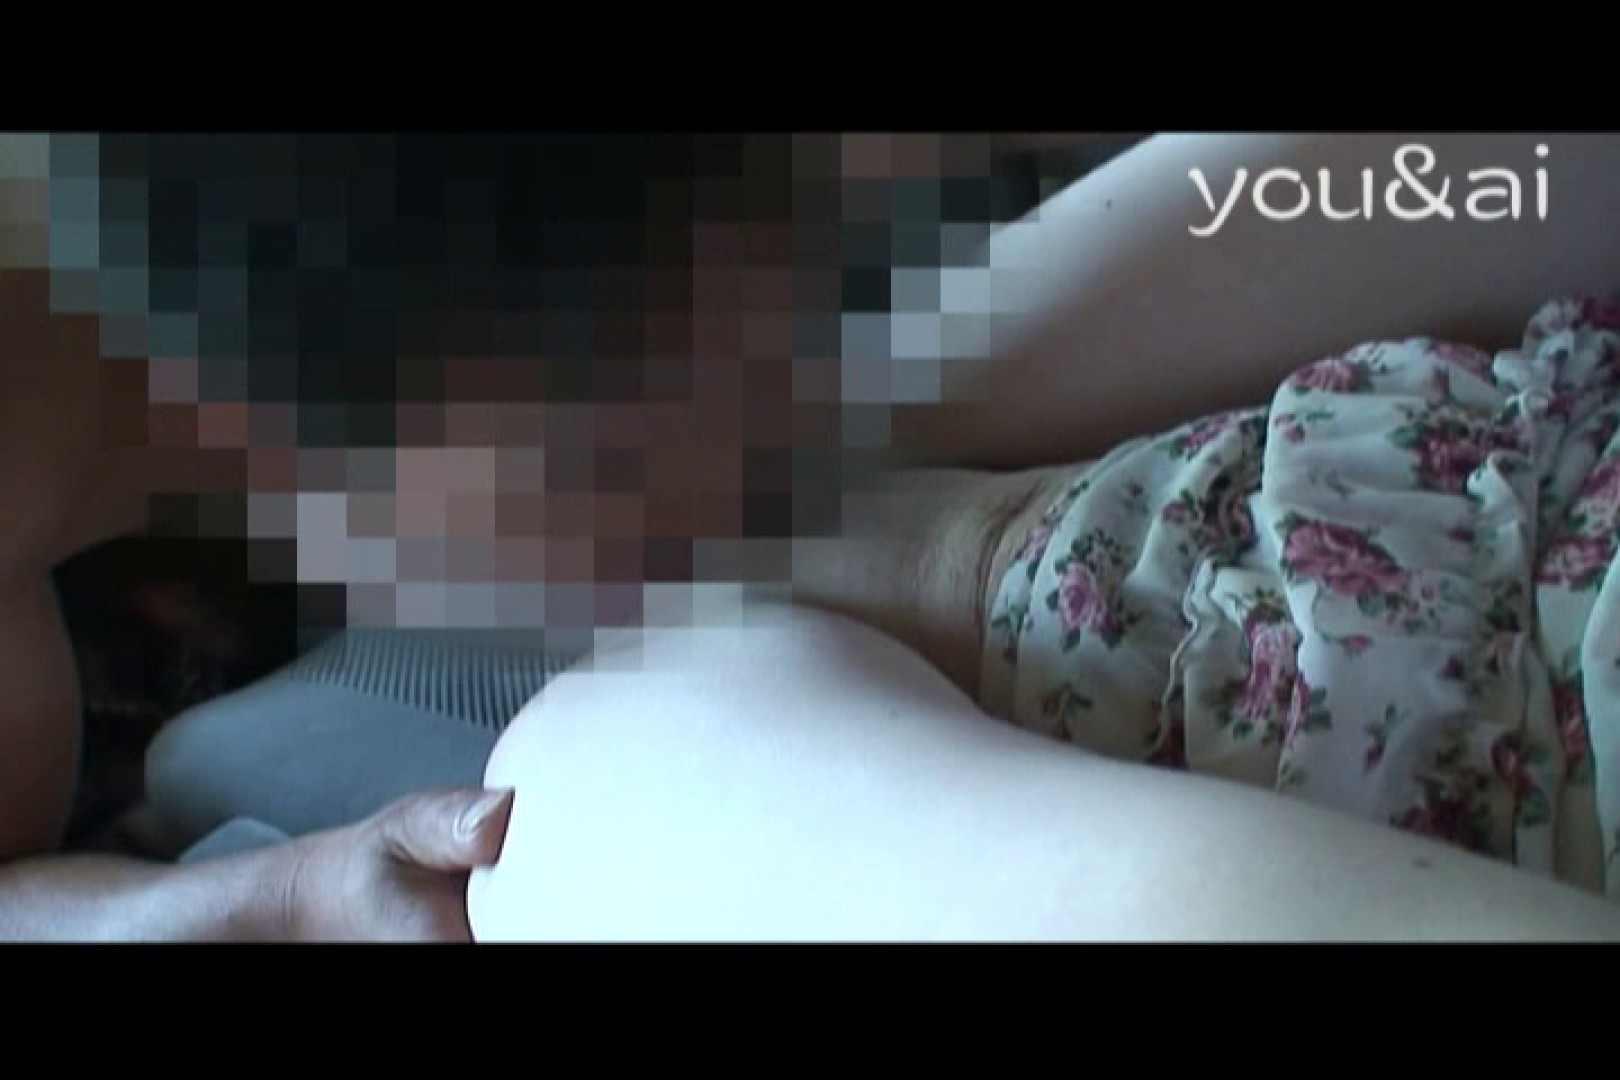 おしどり夫婦のyou&aiさん投稿作品vol.11 接写 エロ無料画像 90pic 11